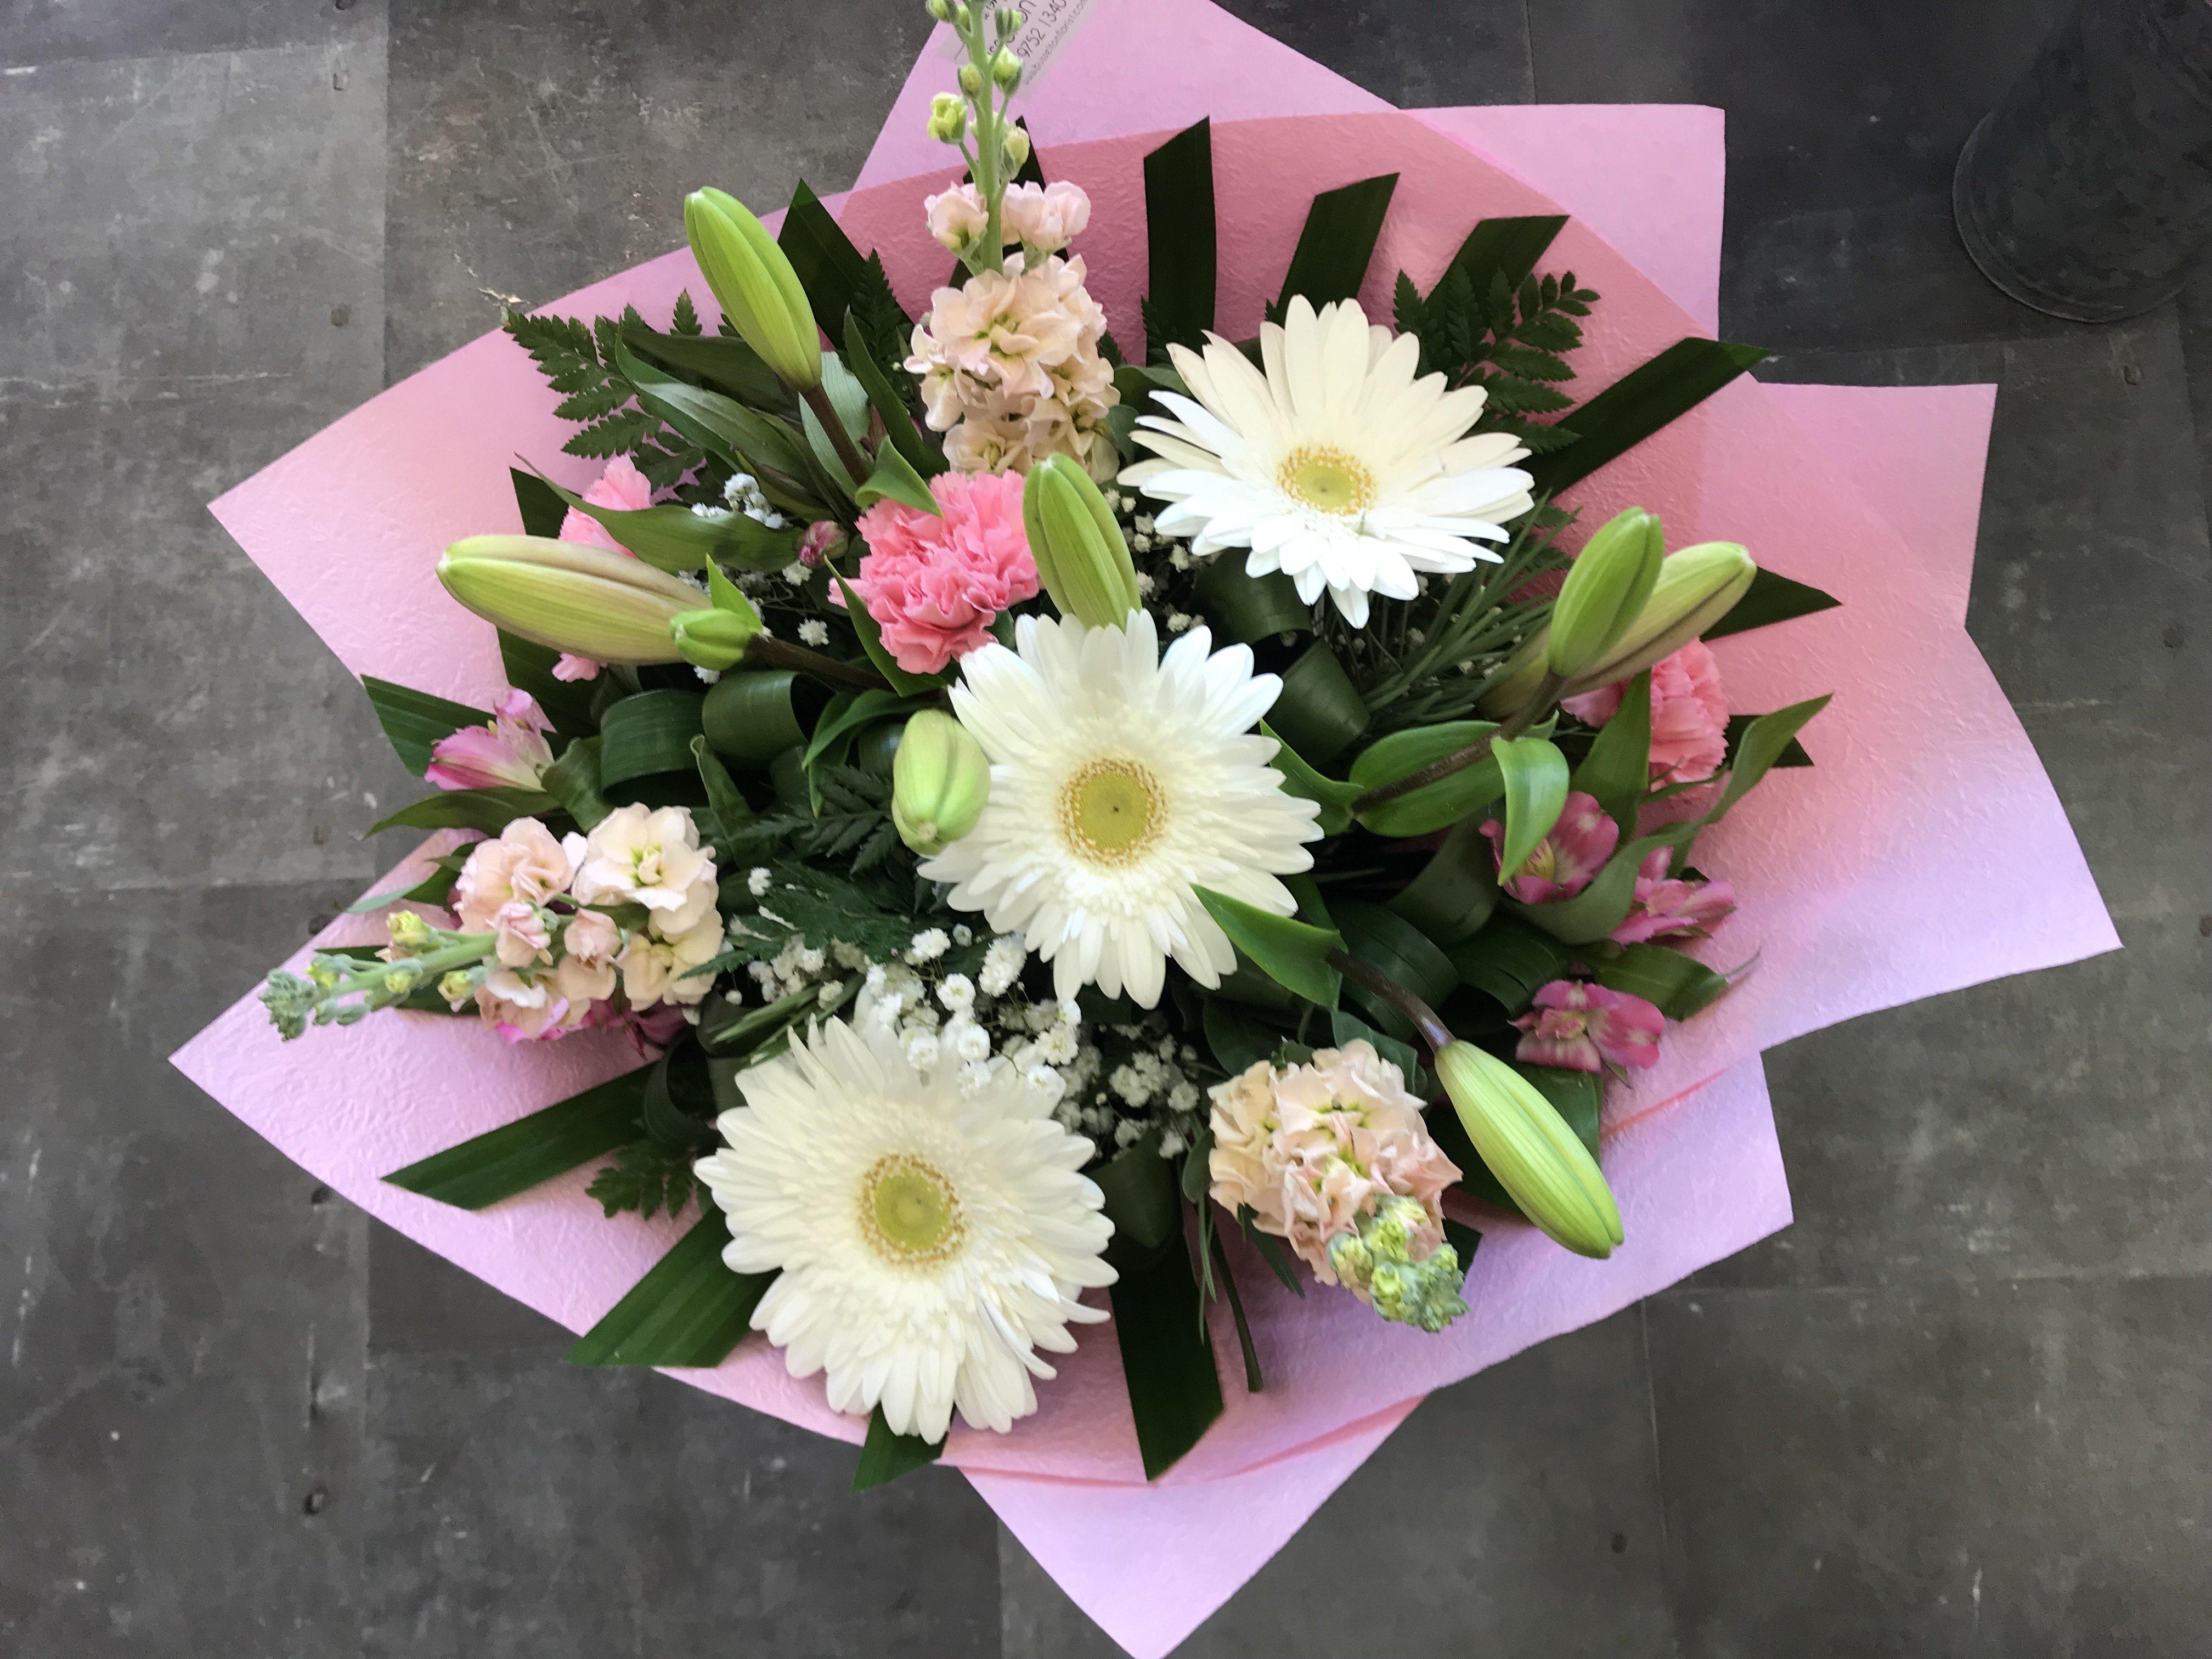 Mixed Bouquet Medium 00031